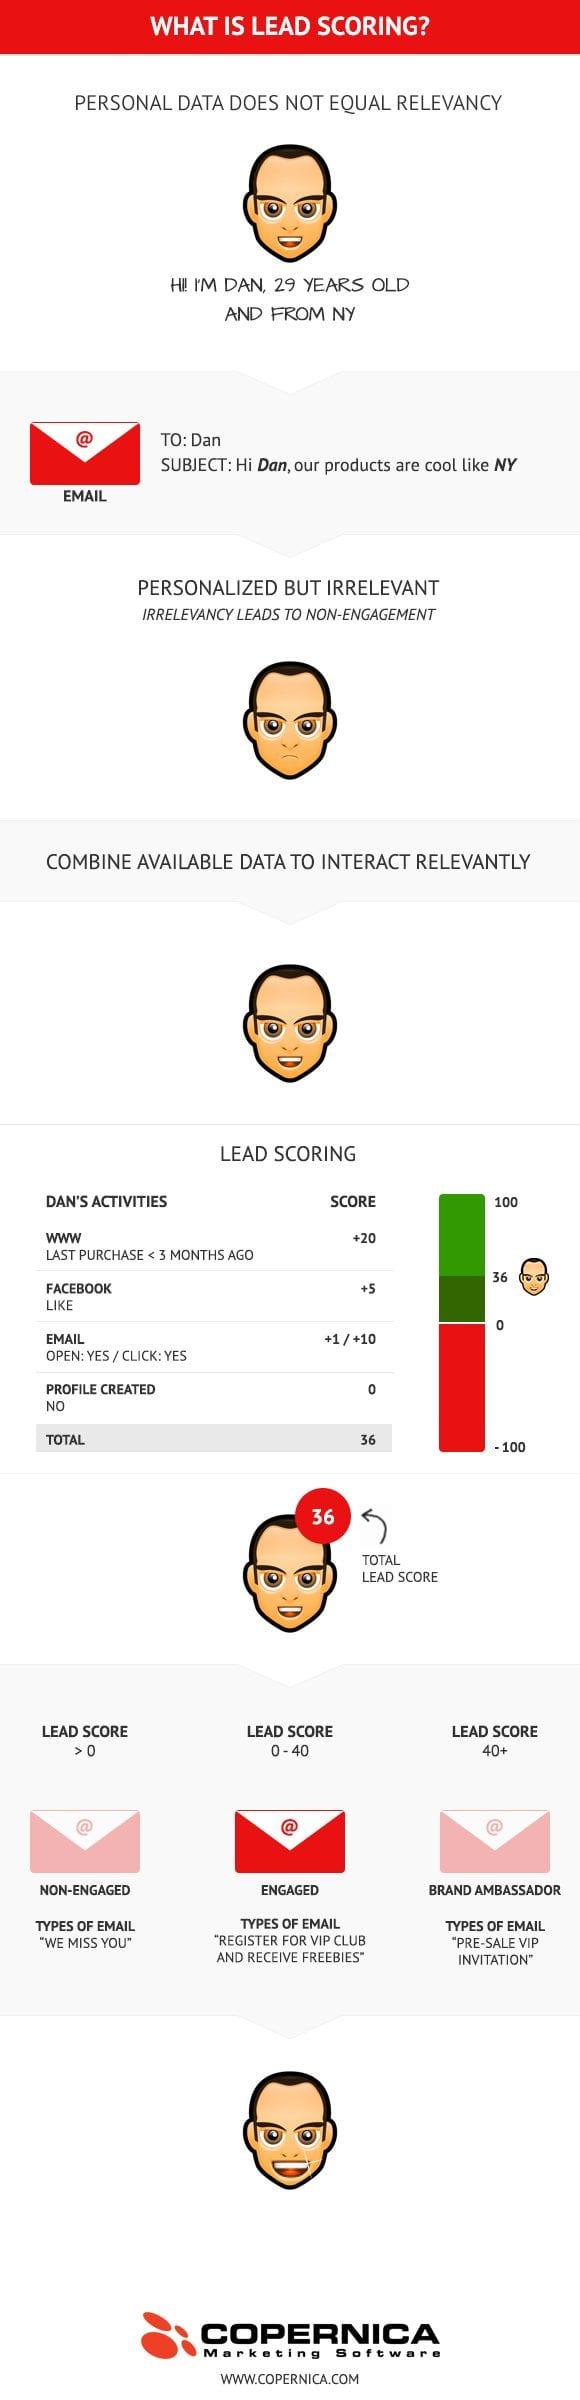 lead scoring infographic